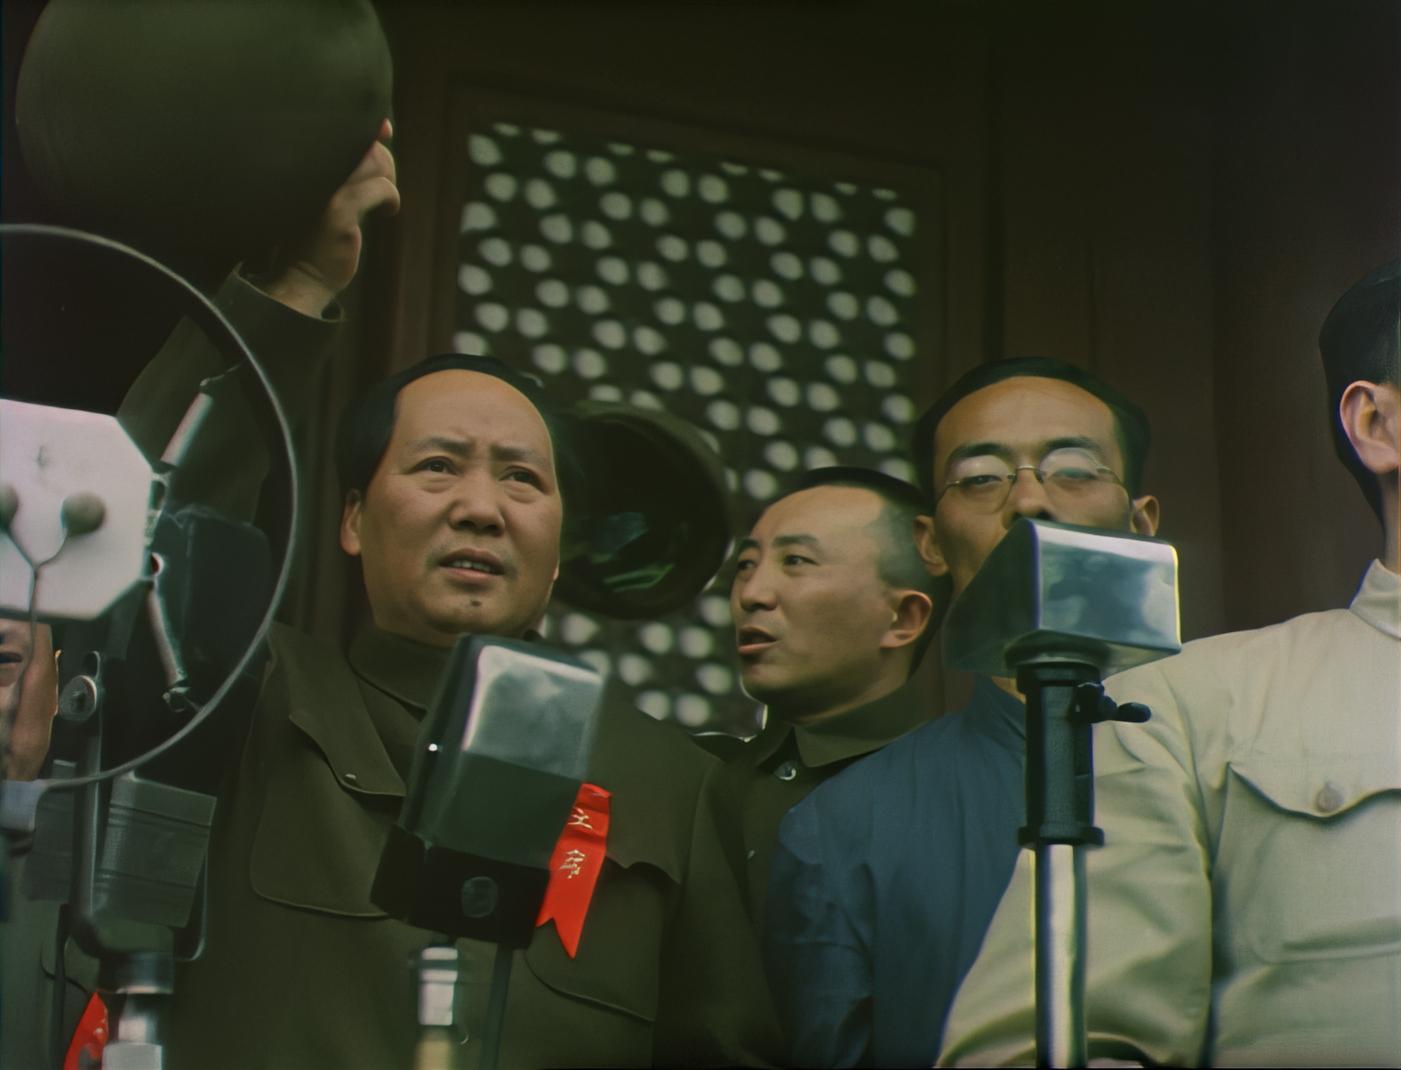 pc套件是什么意思 《决胜时刻》修复珍贵影像,高清彩色开国大典首现大银幕